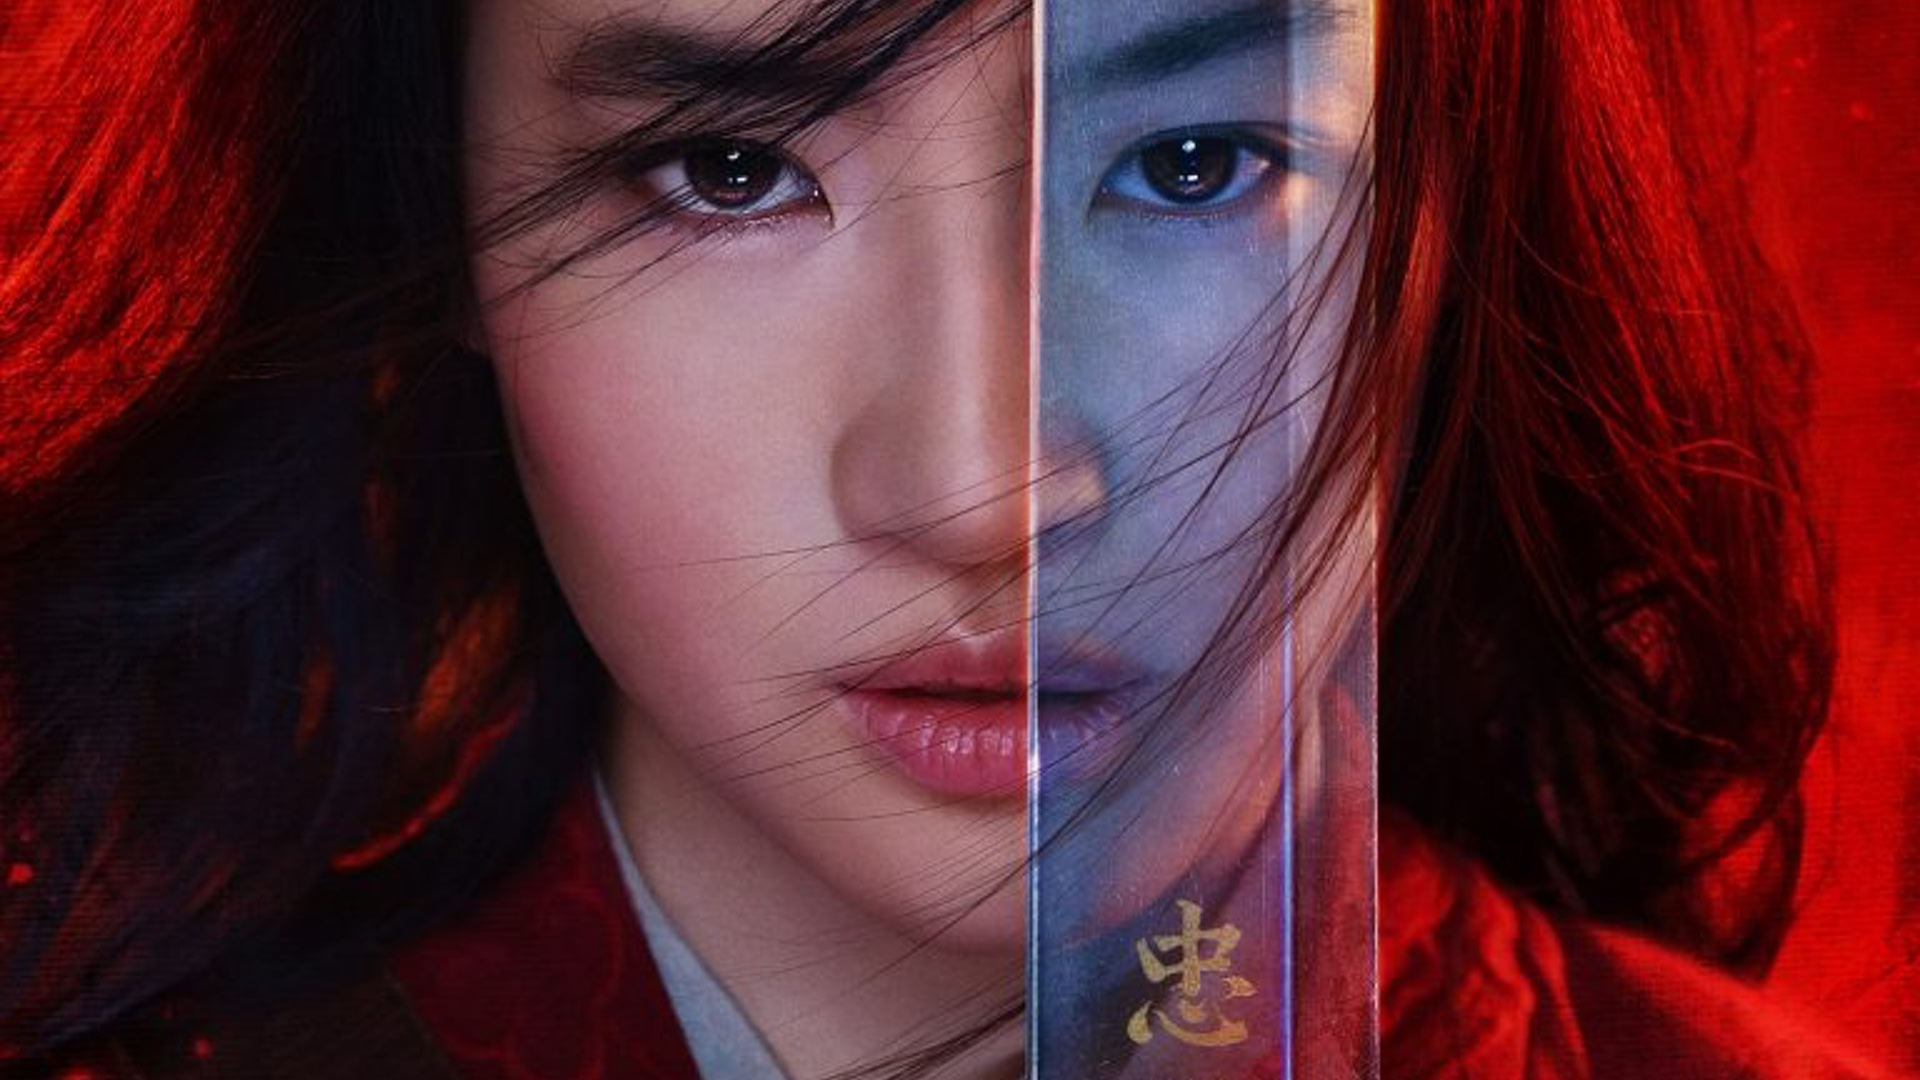 Фанаты призывают бойкотировать фильм «Мулан» из-за слов актрисы о полиции Гонконга